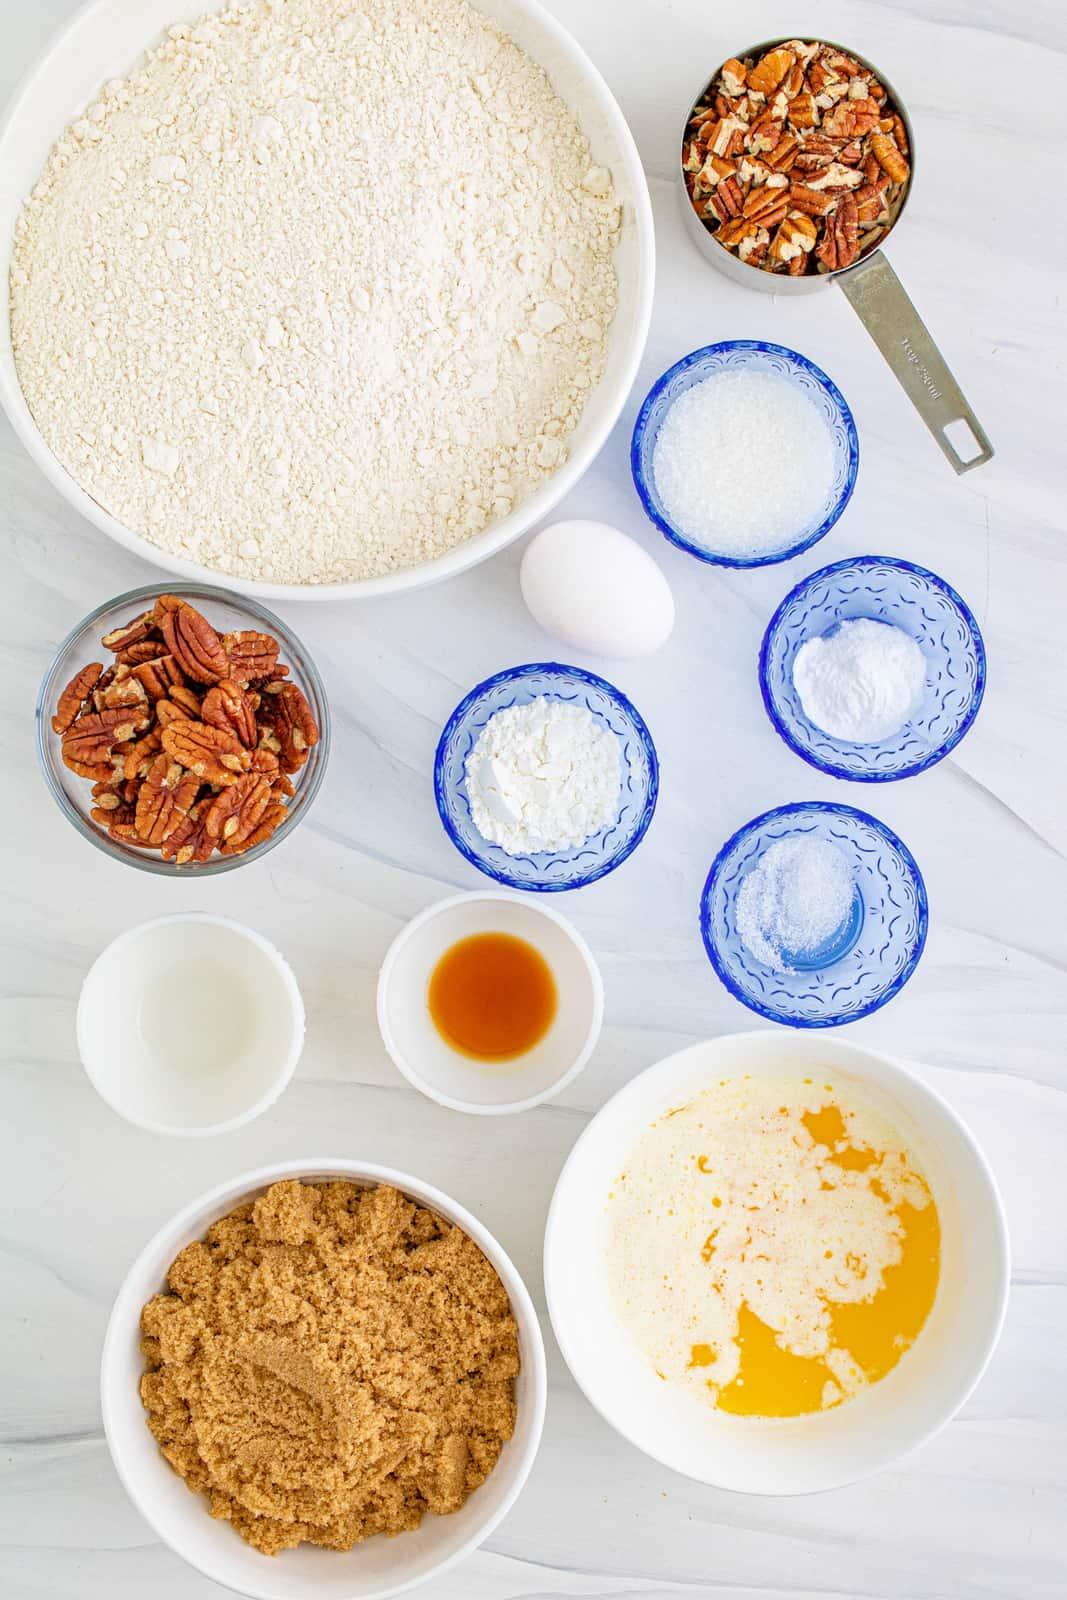 Ingredients needed to make Butter Pecan Cookies.